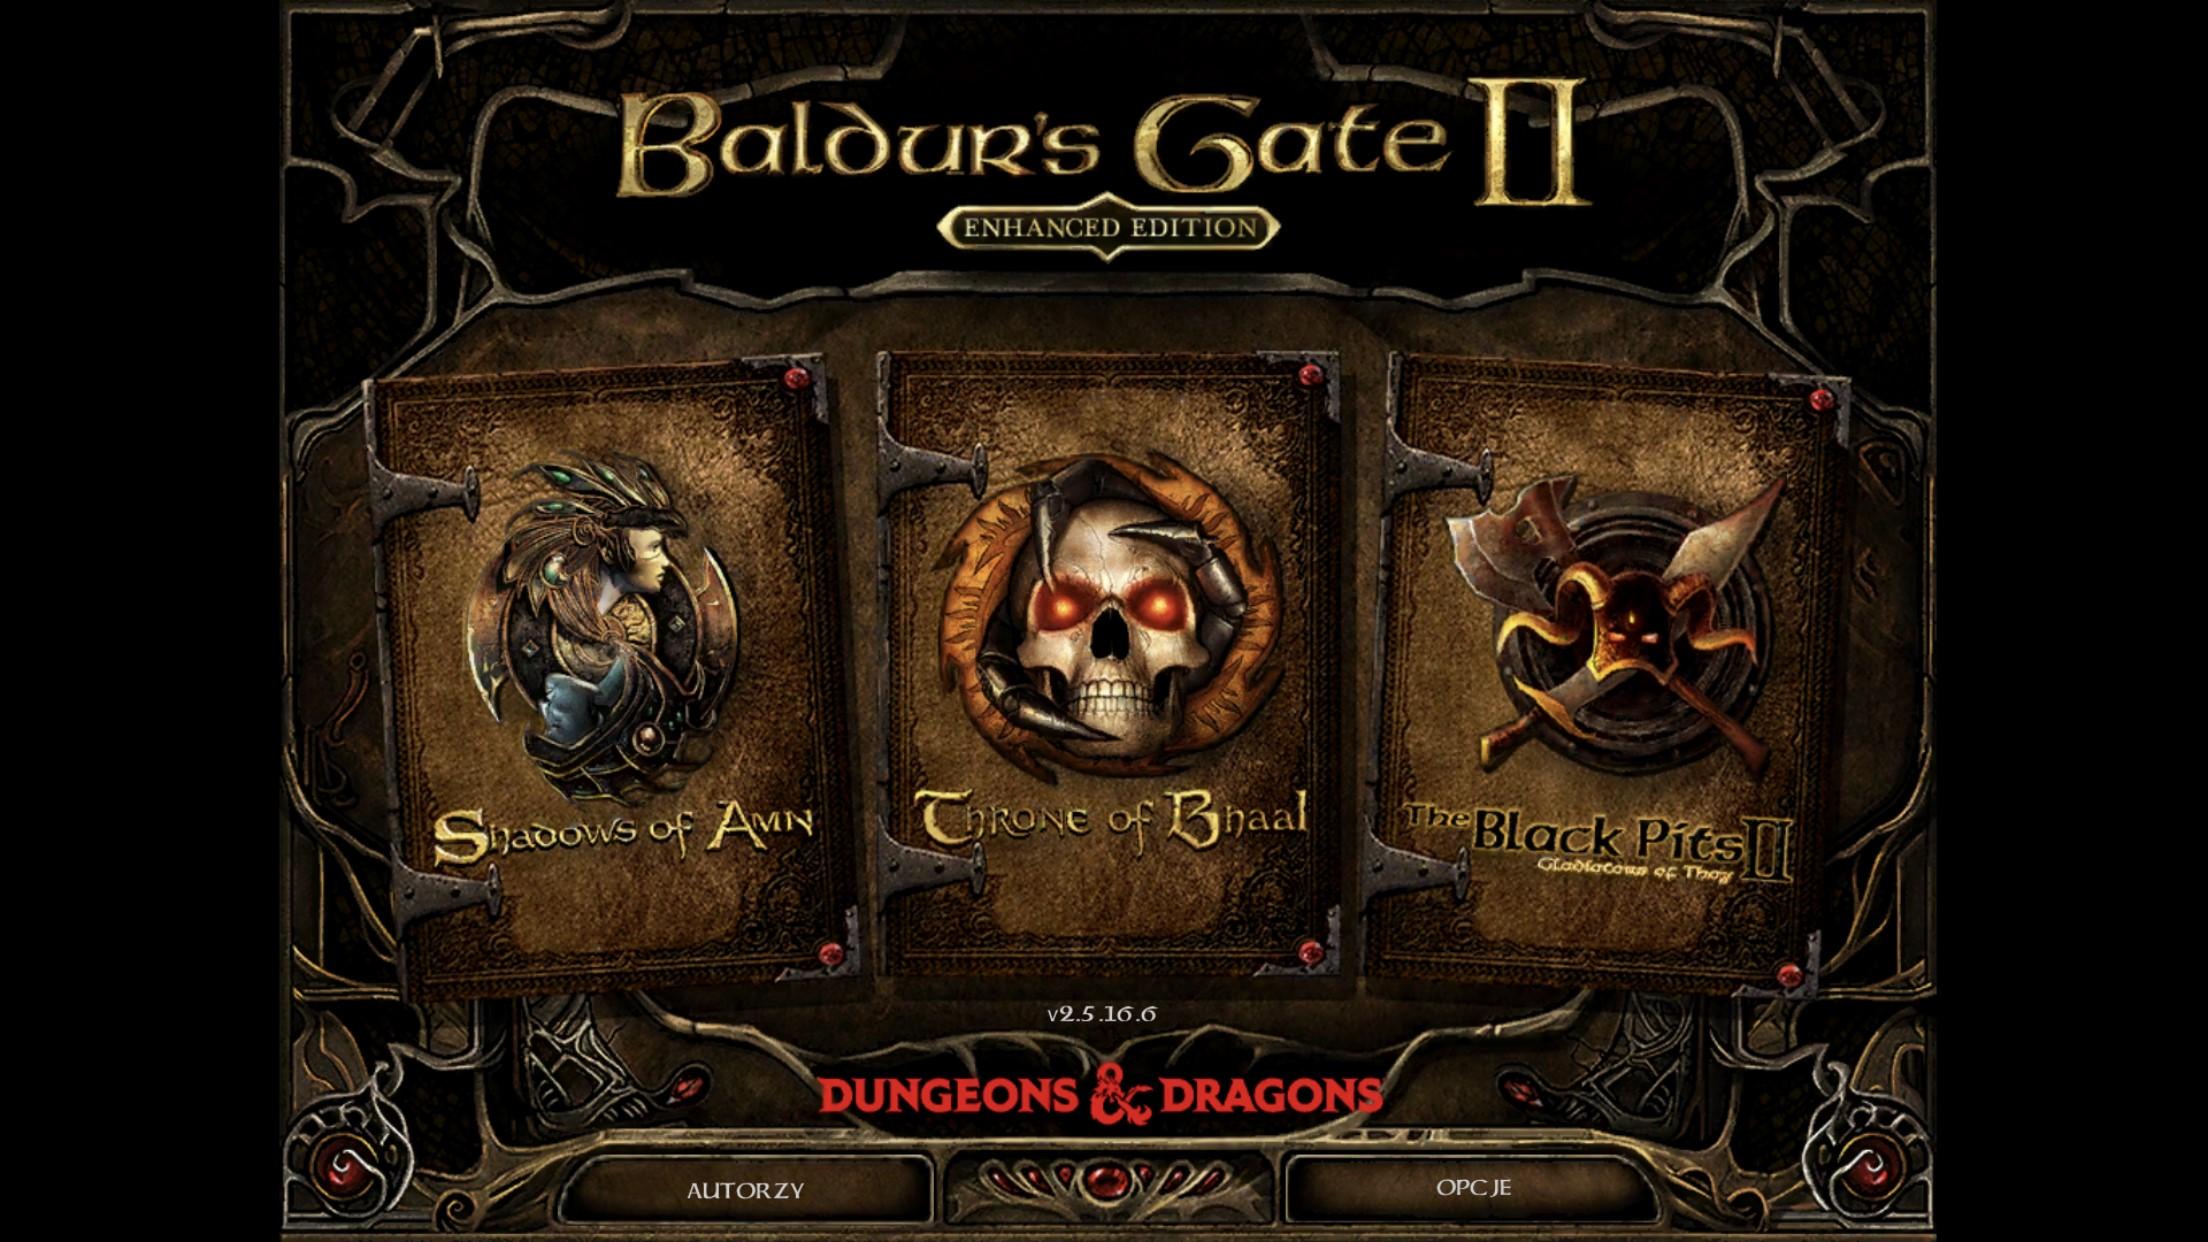 Baldur's Gate 2: Enhanced Edition po polsku - nie wierzę, że to przegapiłem 19